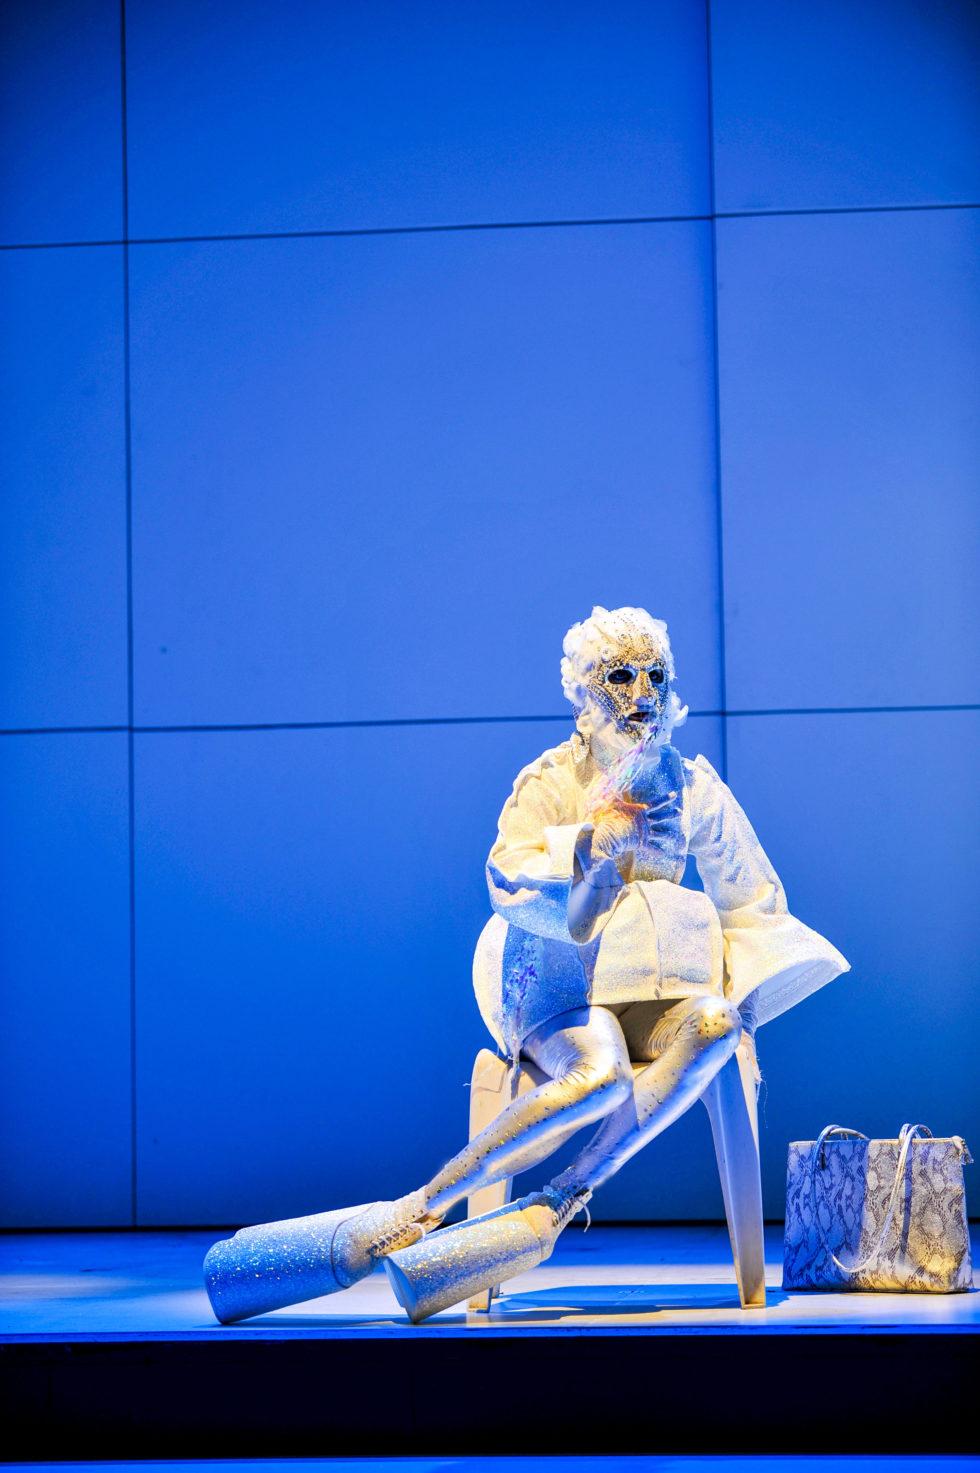 Bilden föreställer en skådespelerska i guld- och glitterkläder med juvelprydd ansiktsmask och extrema platåskor mot en blå bakgrund.